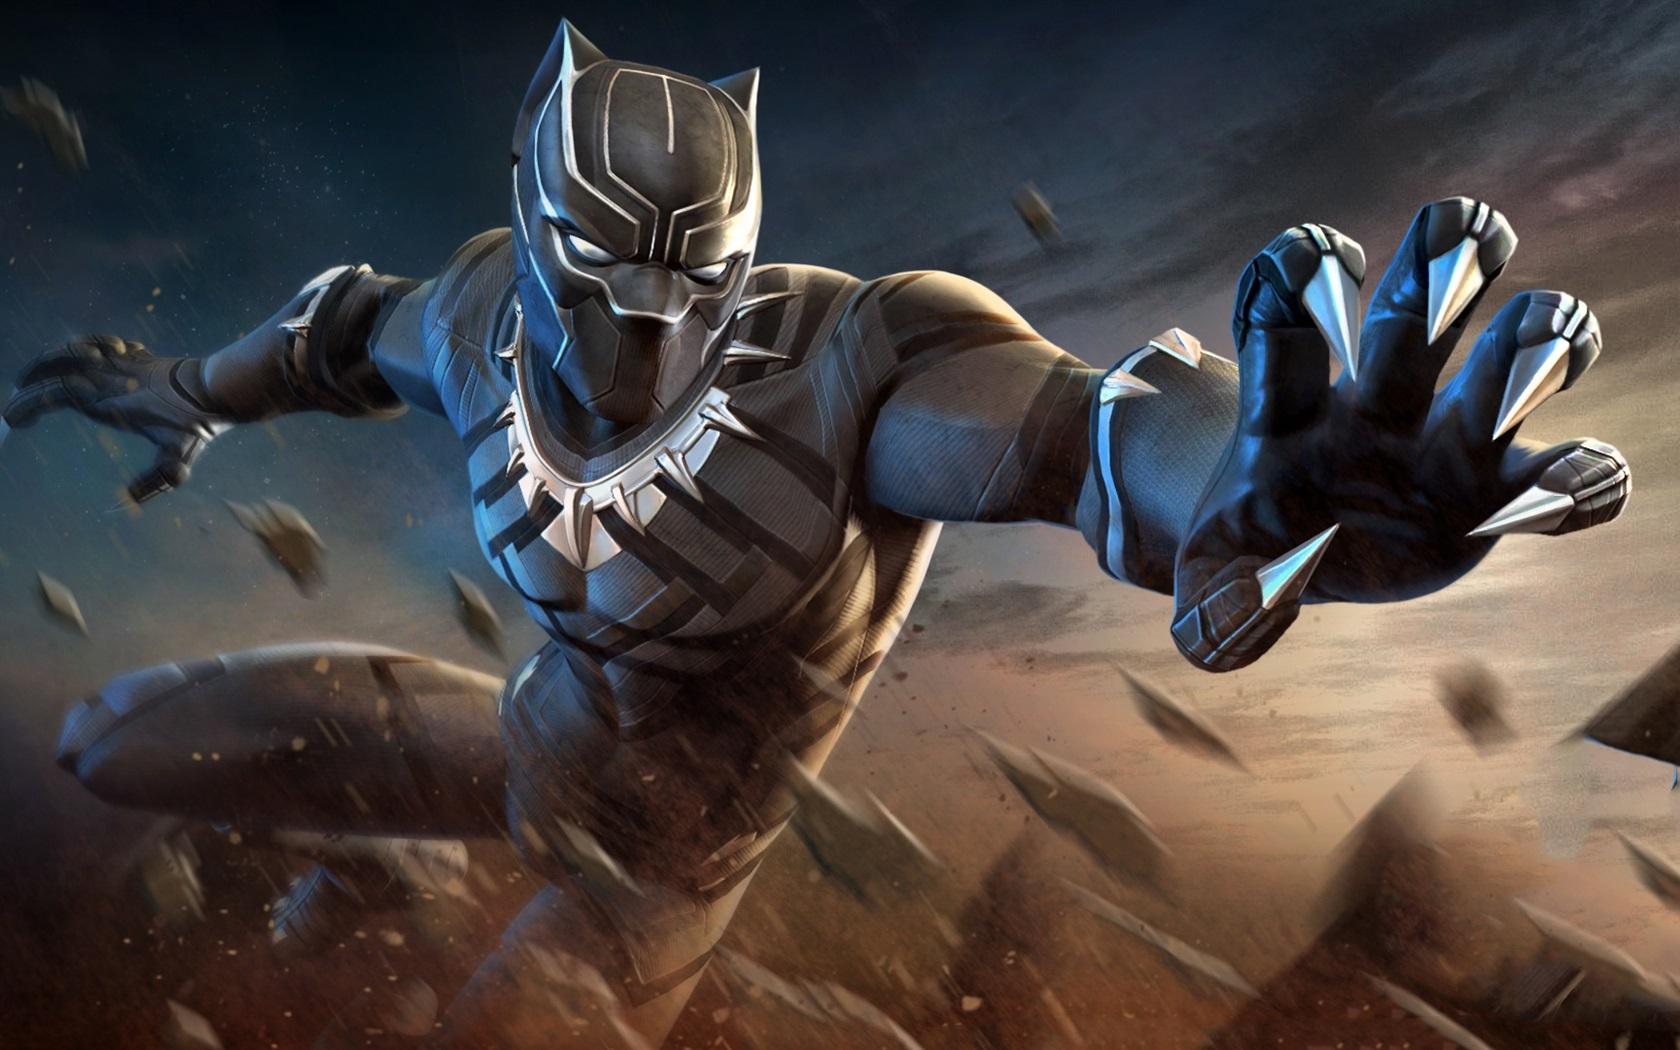 Pantera Negra Manos Superhéroe 640x960 Iphone 44s Fondos De Pantalla